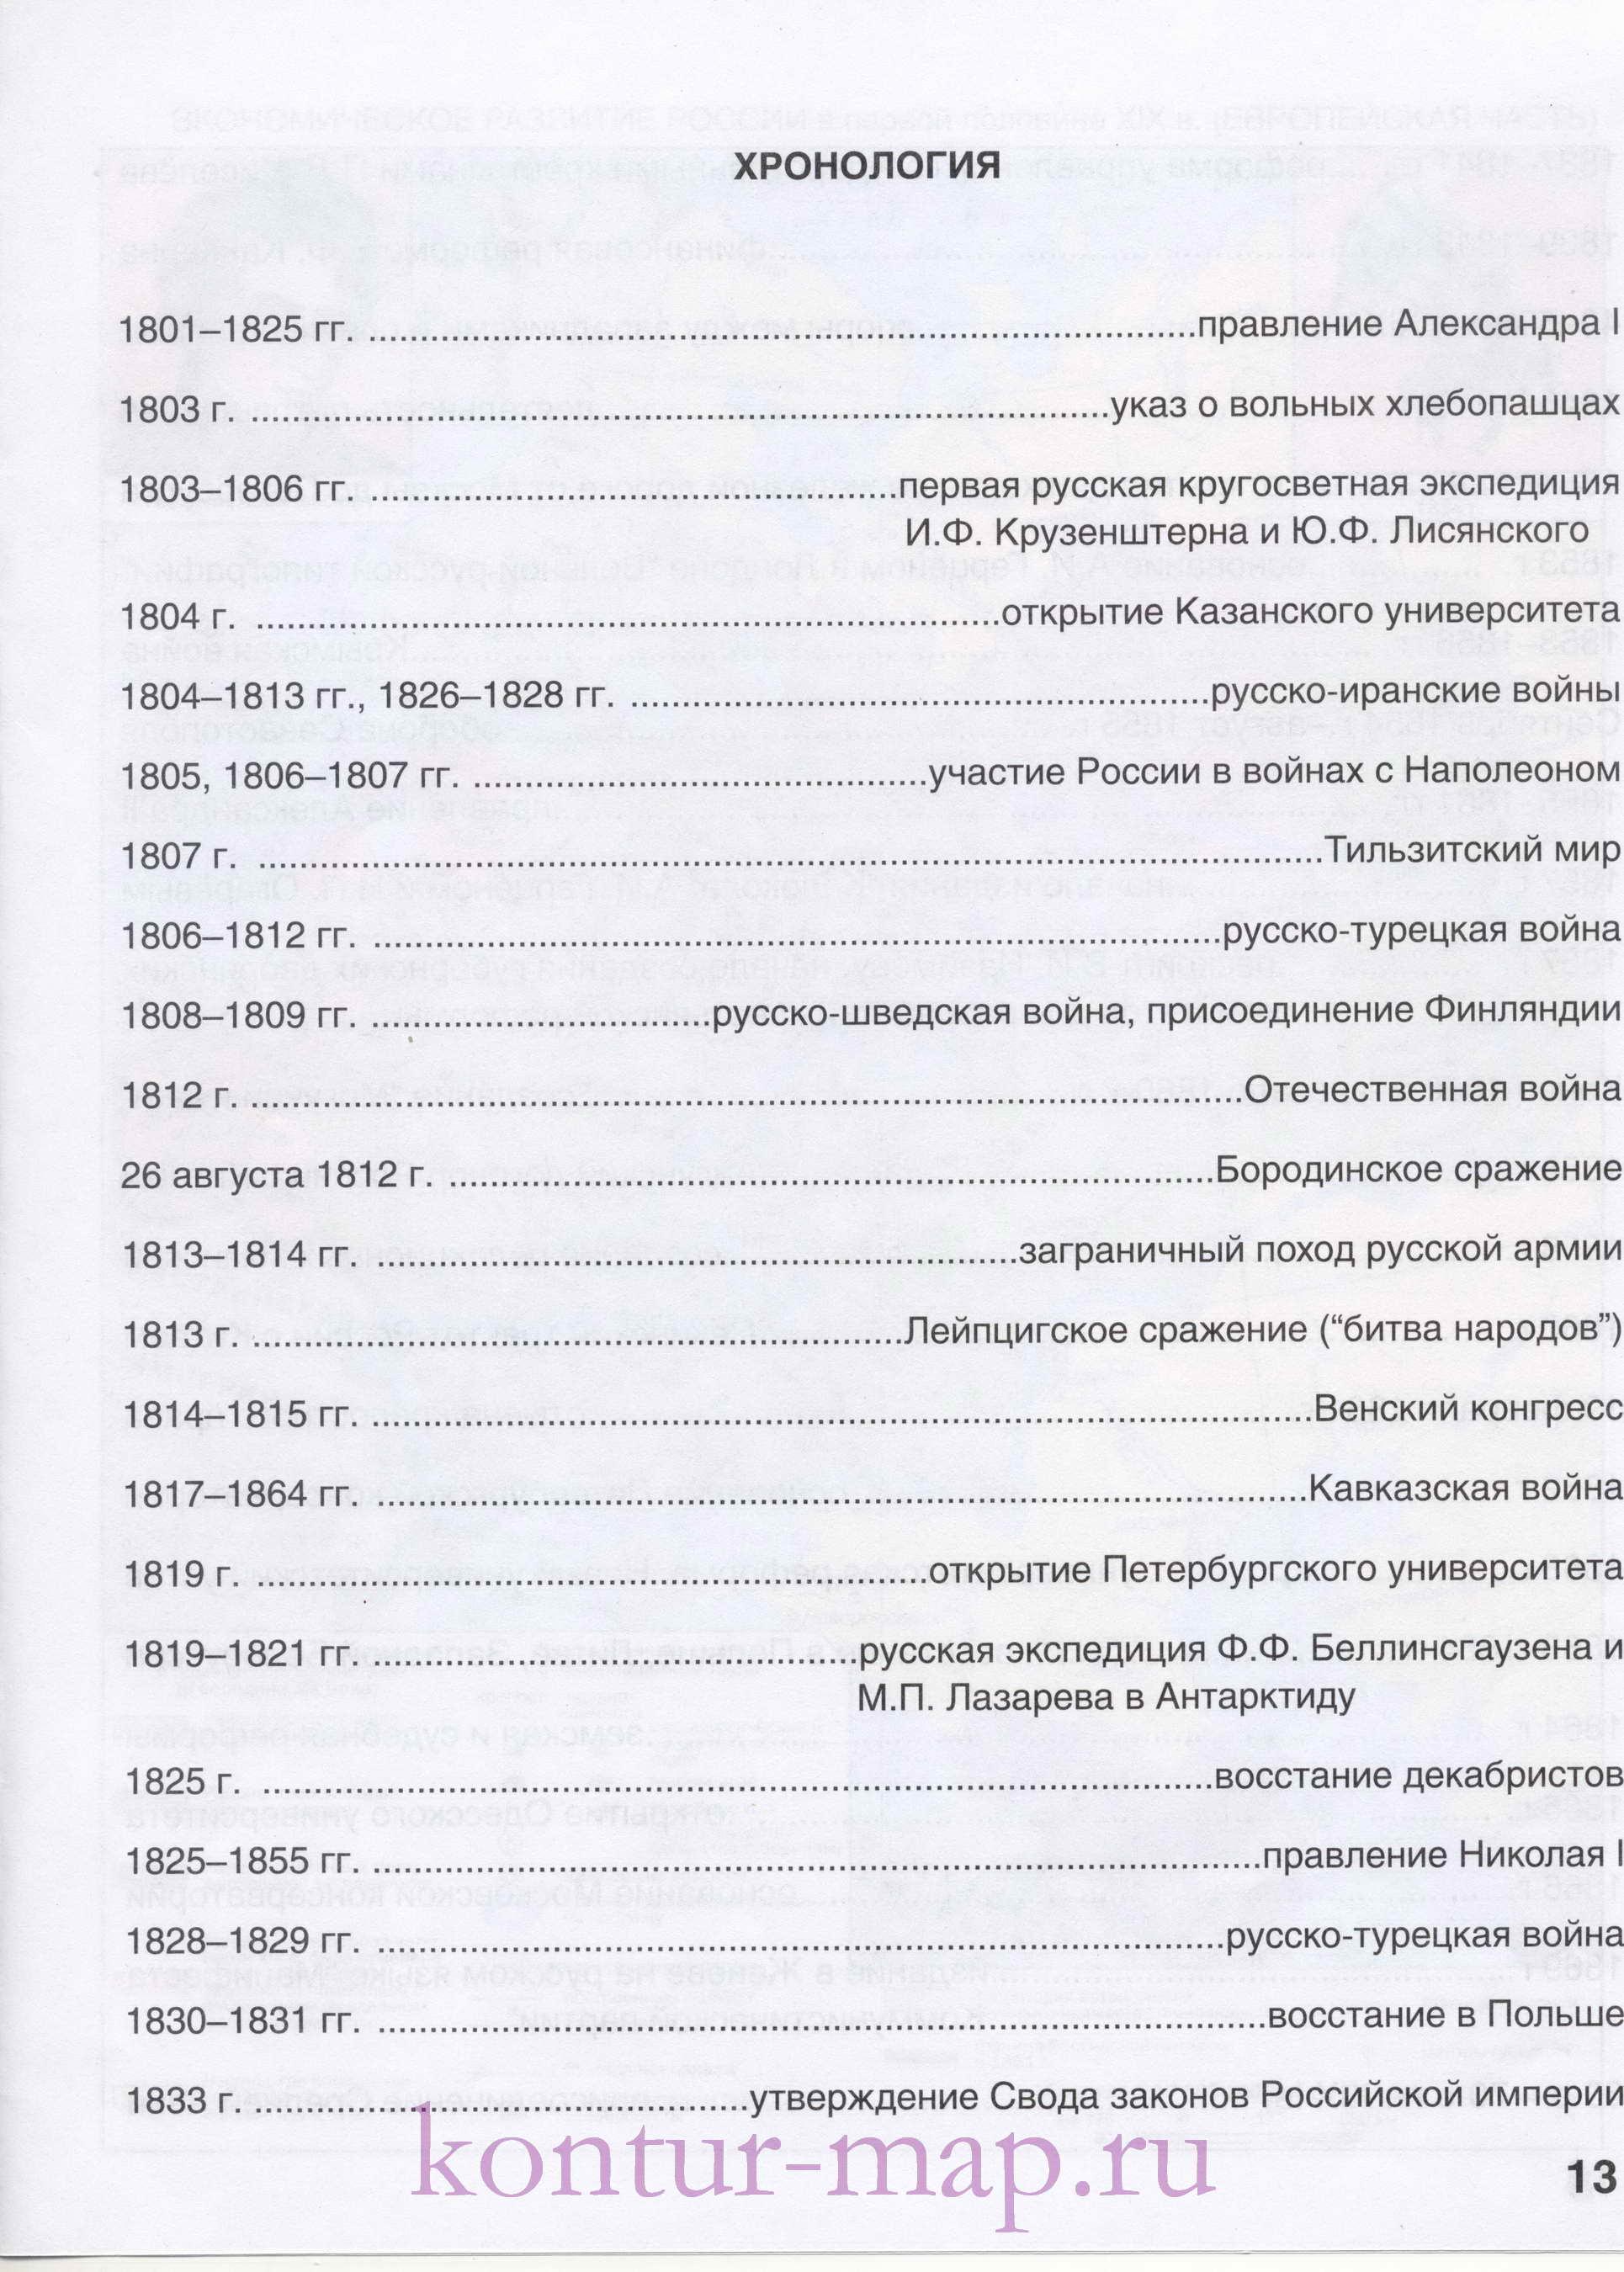 сервисное история таджиков в хронологическом порядке более эстетично